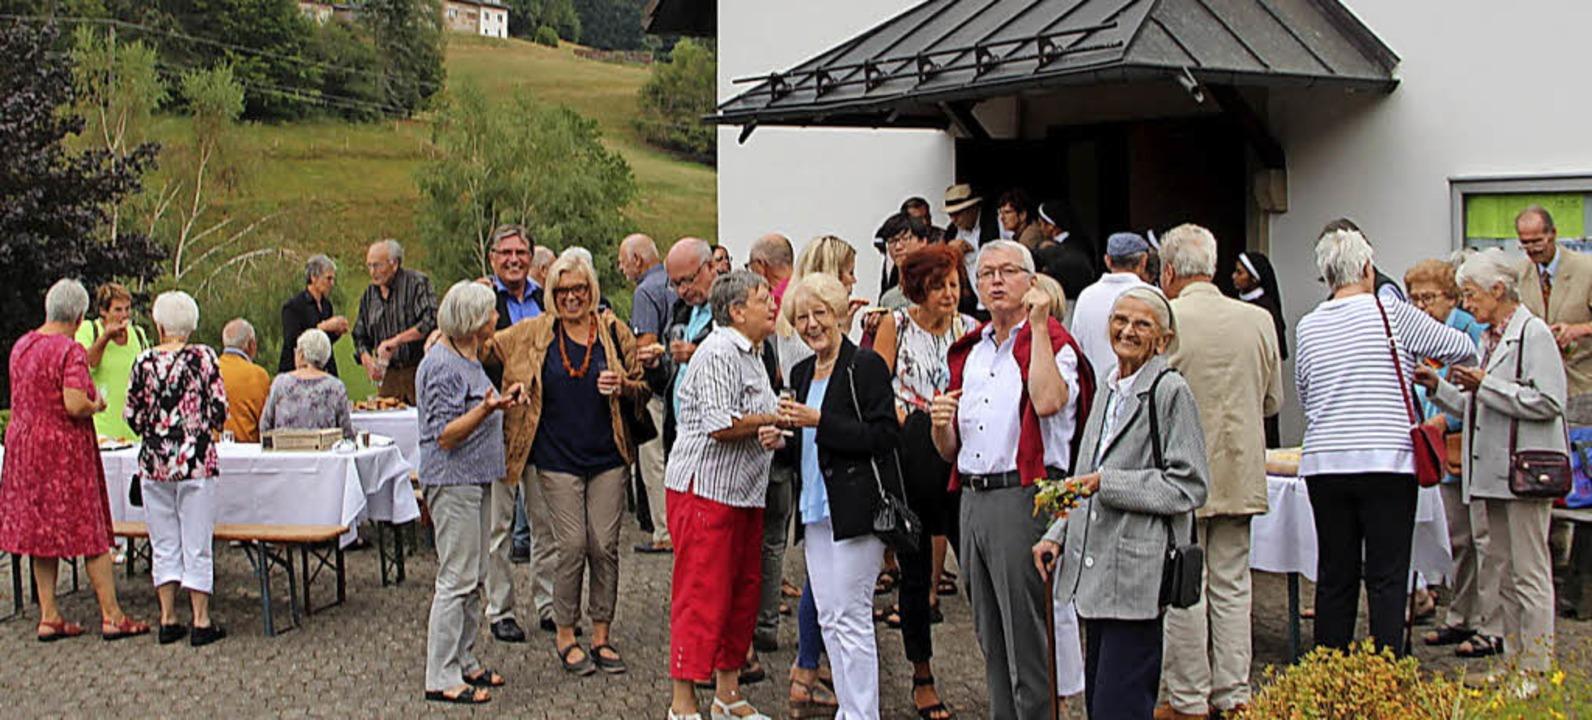 Patroziniumsfeier der katholischen Mar... nach dem Gottessdienst vor der Kirche  | Foto: Rolf-Dieter Kanmacher